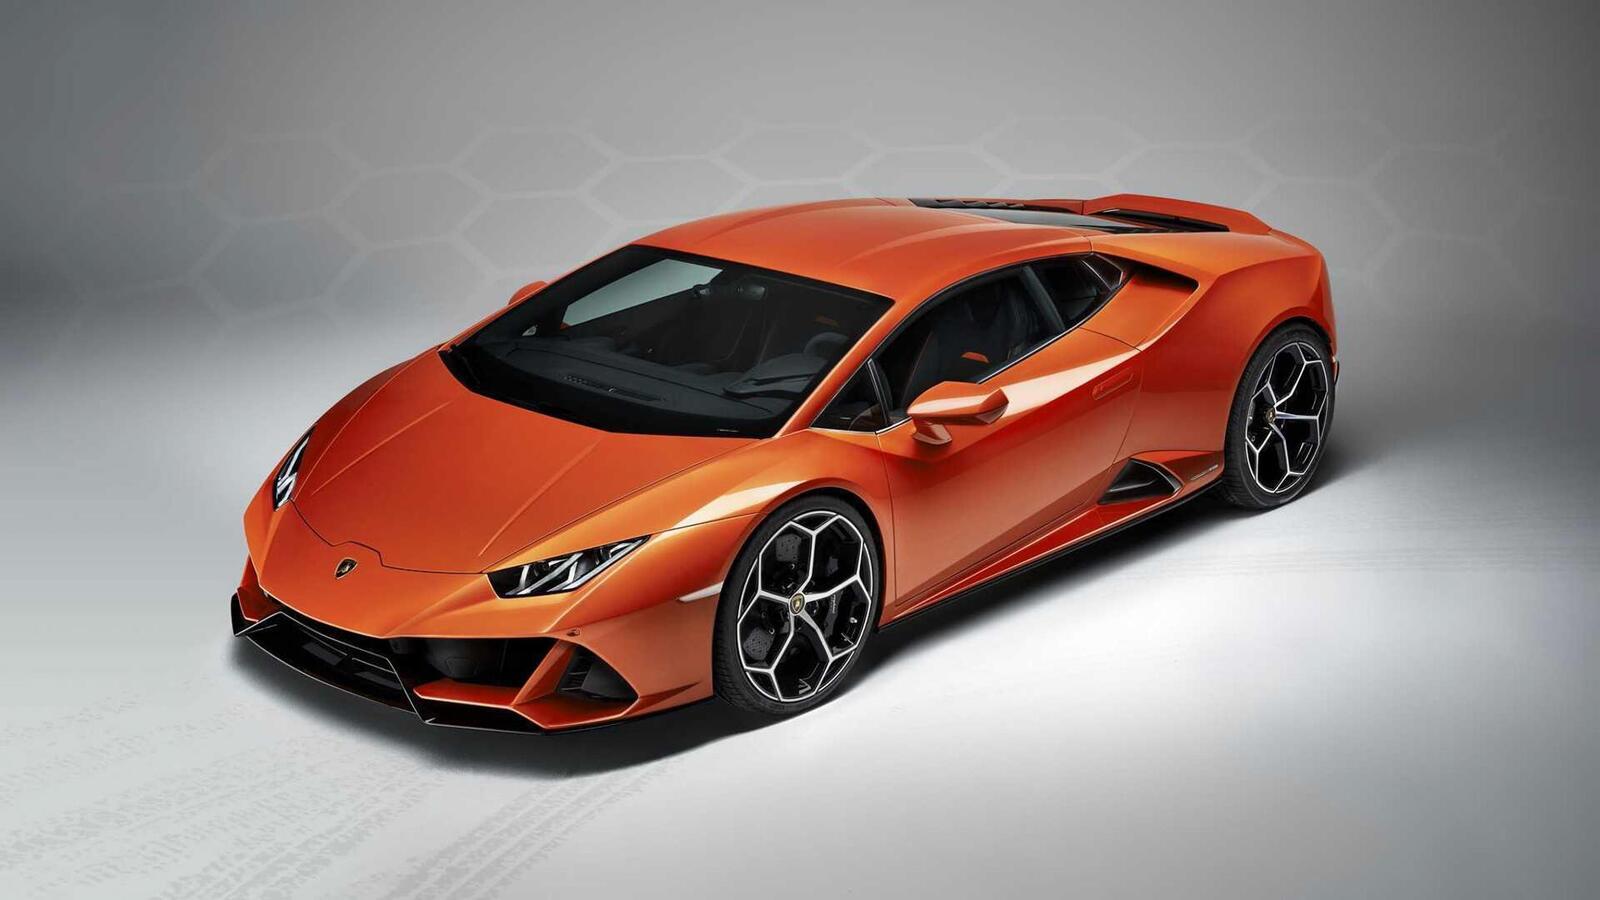 Lamborghini giới thiệu Huracan EVO mới với sức mạnh 640 mã lực - Hình 13